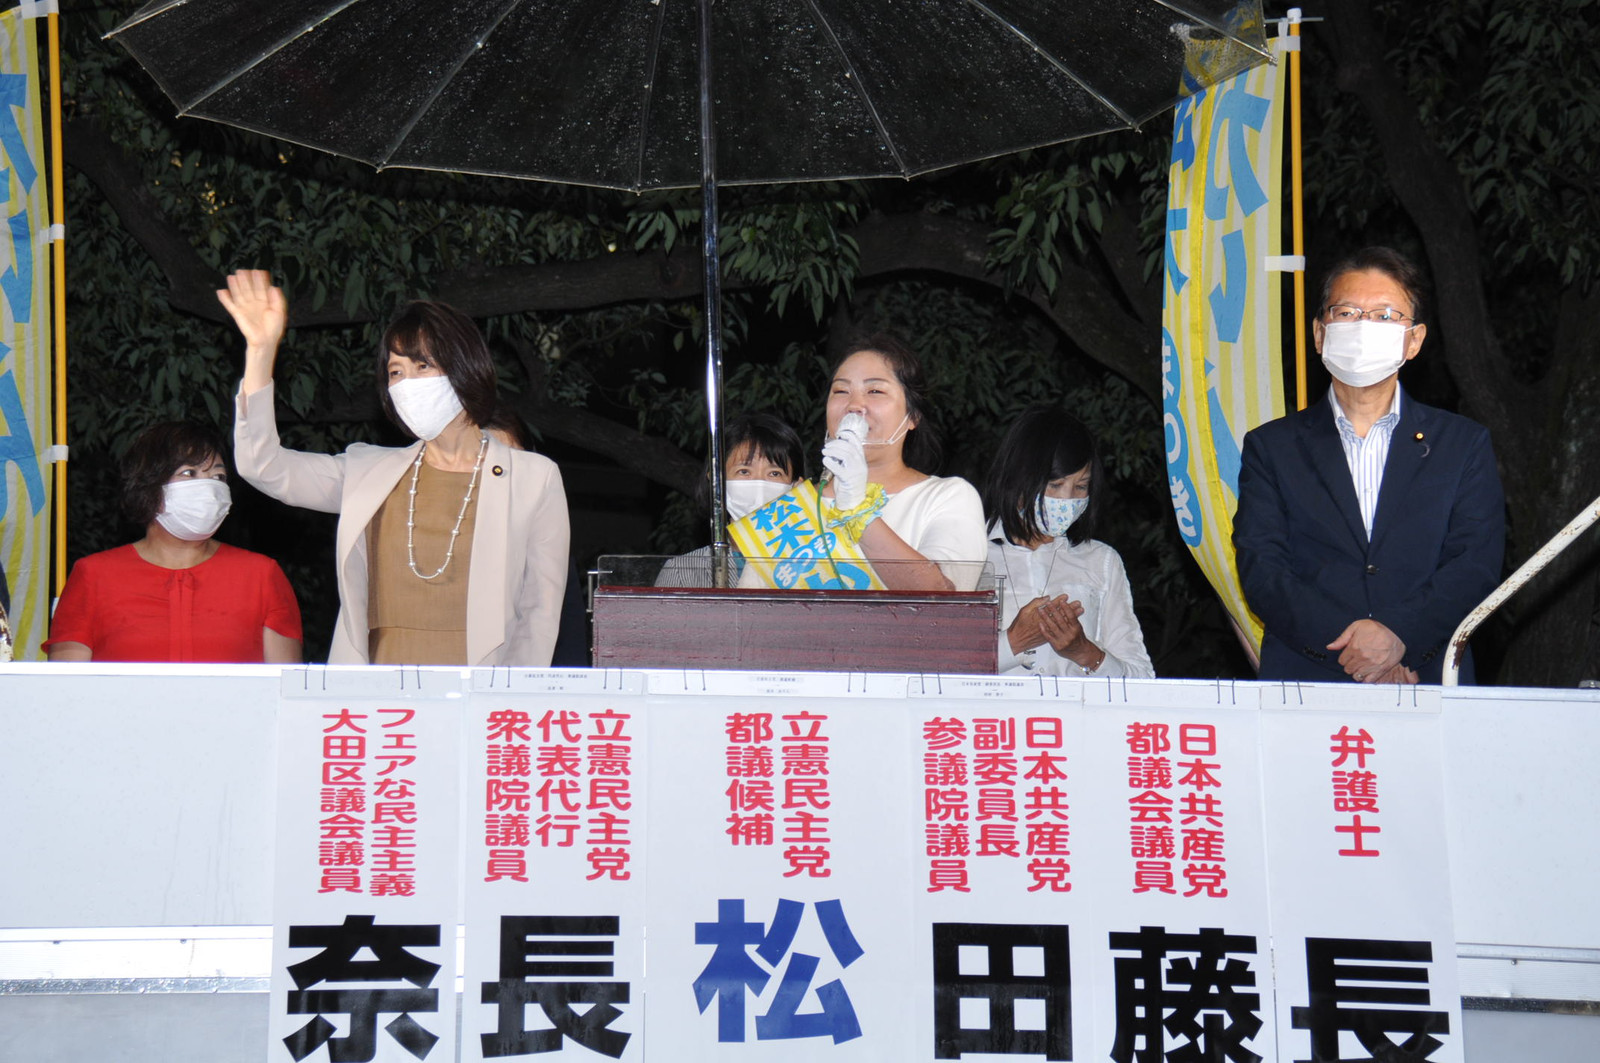 田村、長妻両氏らの応援を受け訴える松木都議候補